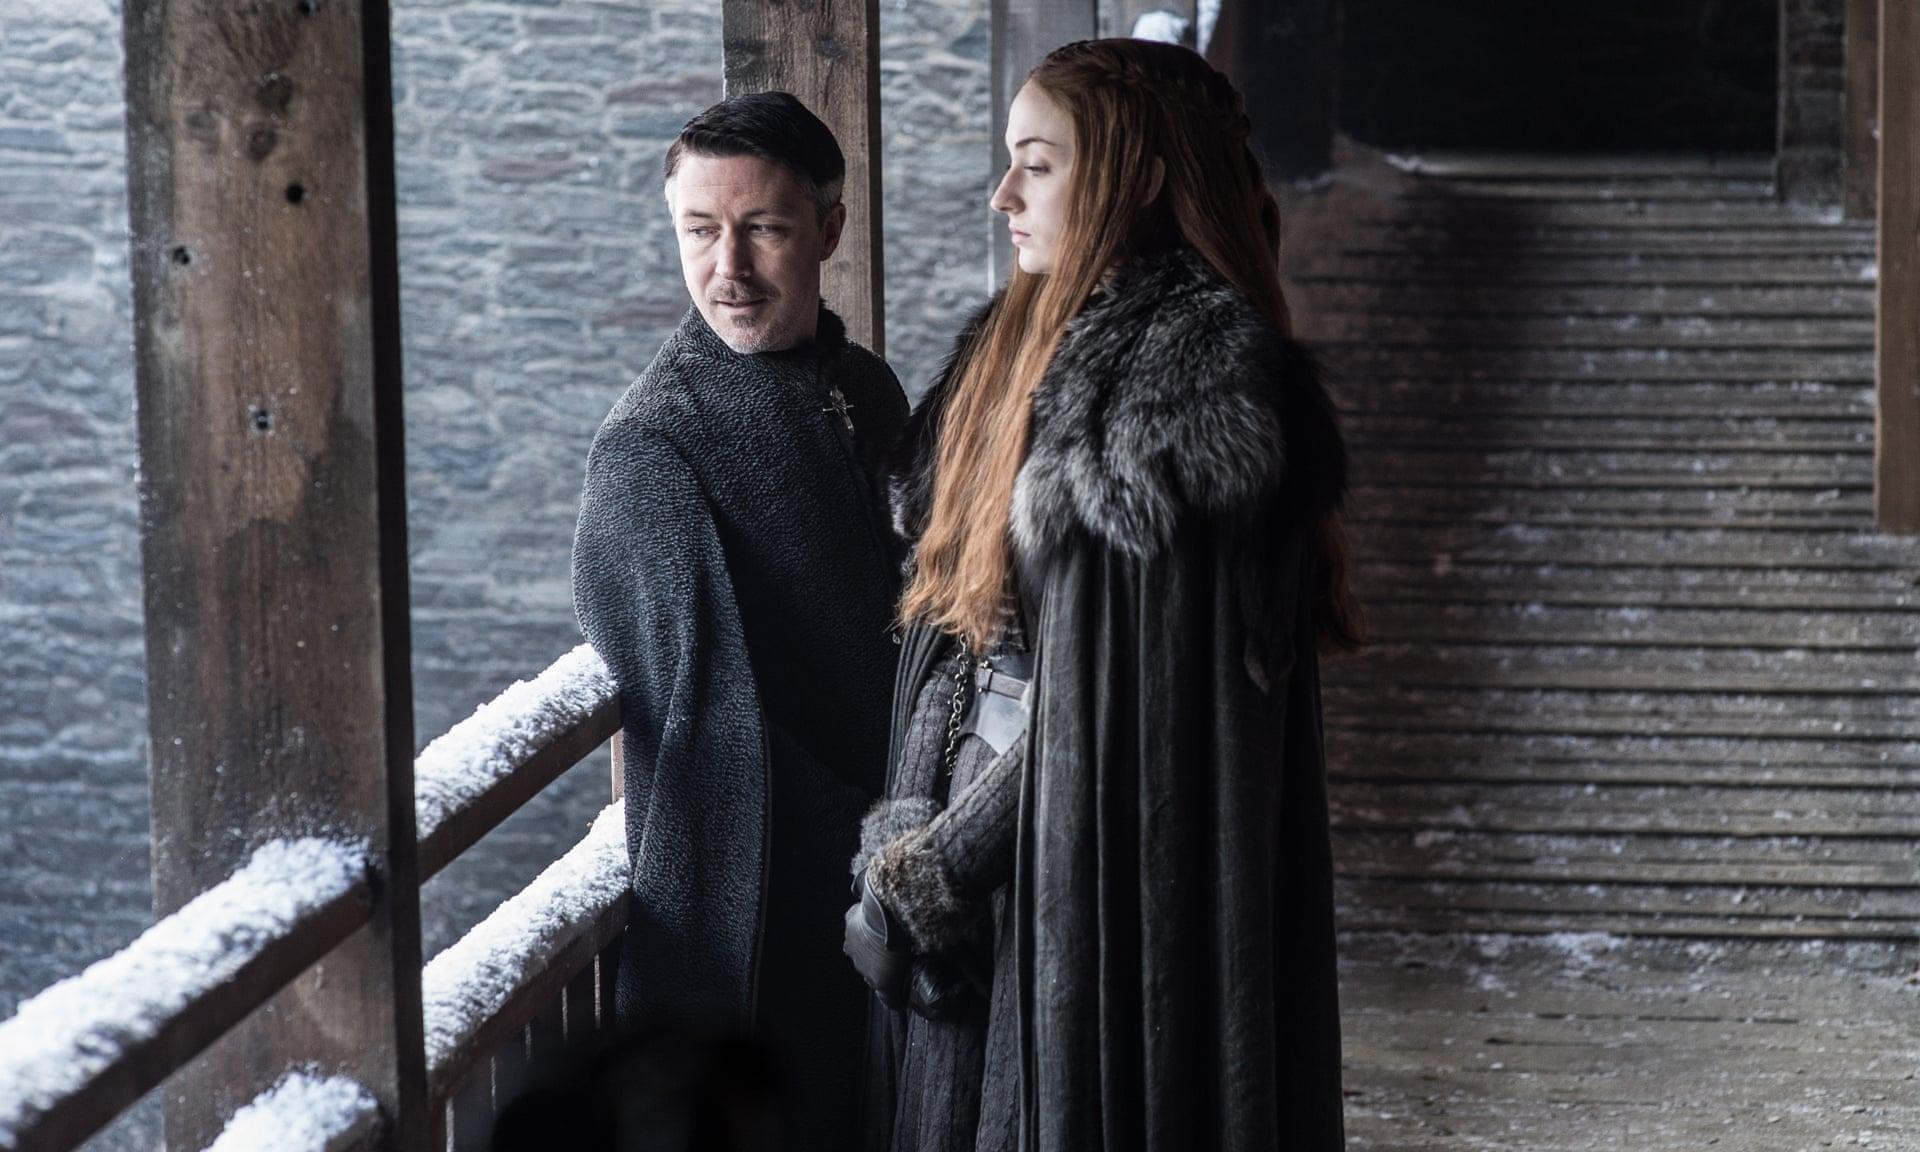 Baelish vuole ricchezza e potere e vuole anche sedere sul Trono di Spade con Sansa al suo fianco. Ce la fará a convincerla?